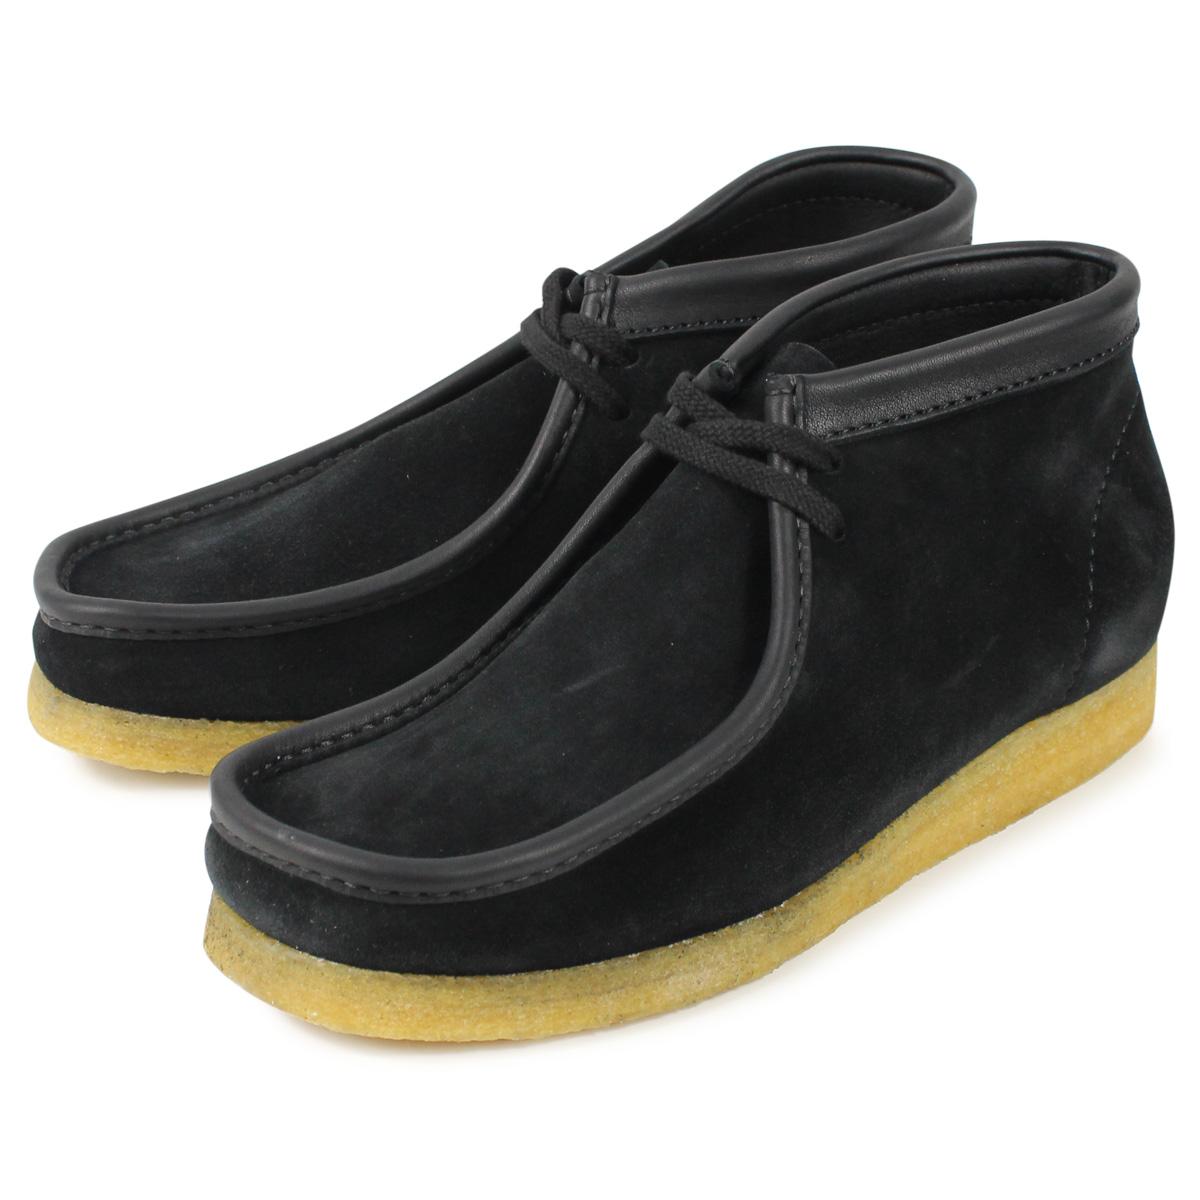 Clarks WALLABEE クラークス ワラビー ブーツ メンズ ブラック 黒 26134611